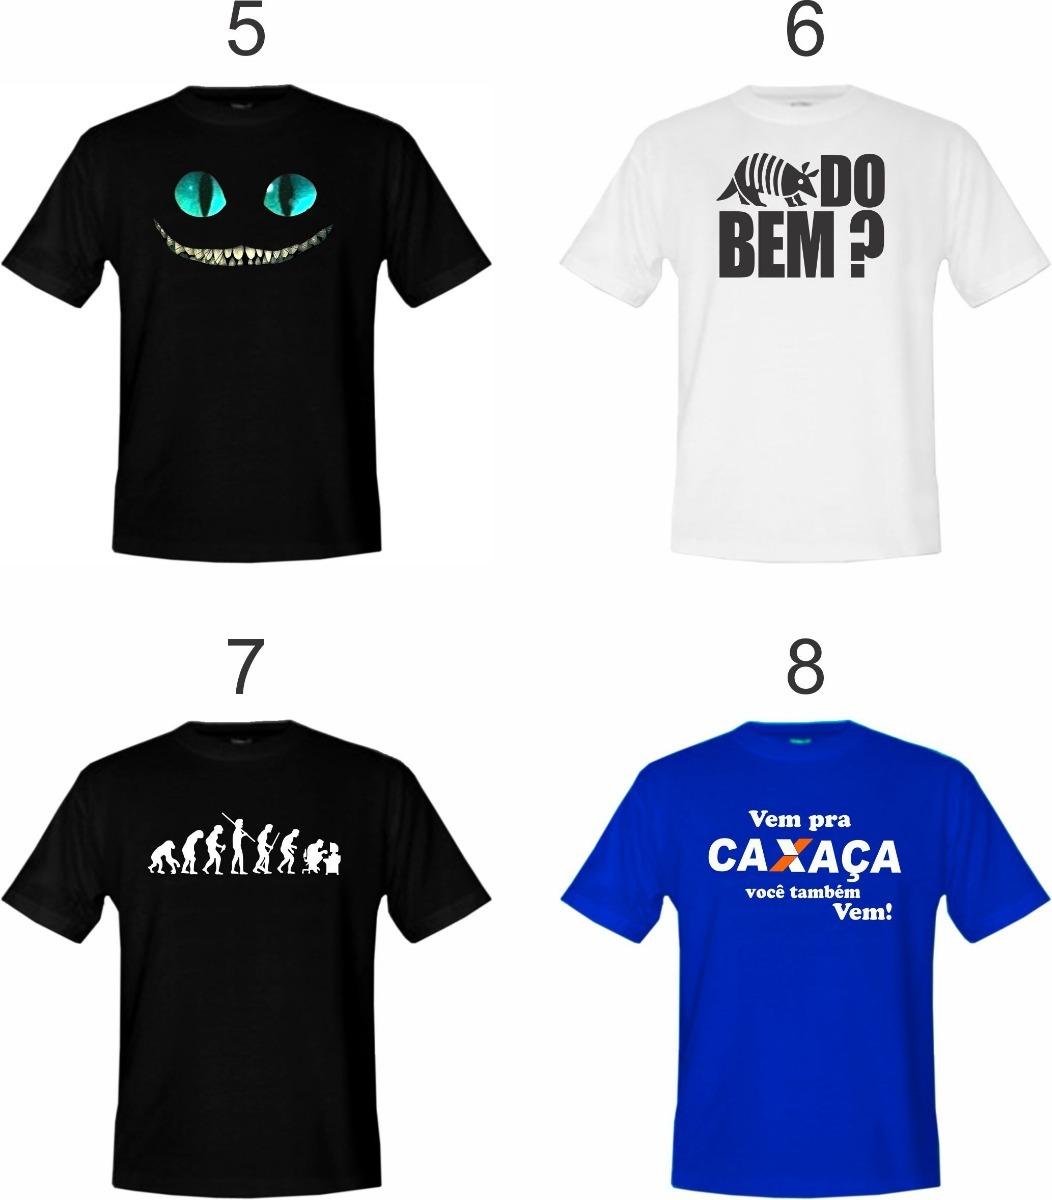 2013dafd5d4a8 kit 3 camisetas adulto vários modelos - escolha já a sua ! Carregando zoom.